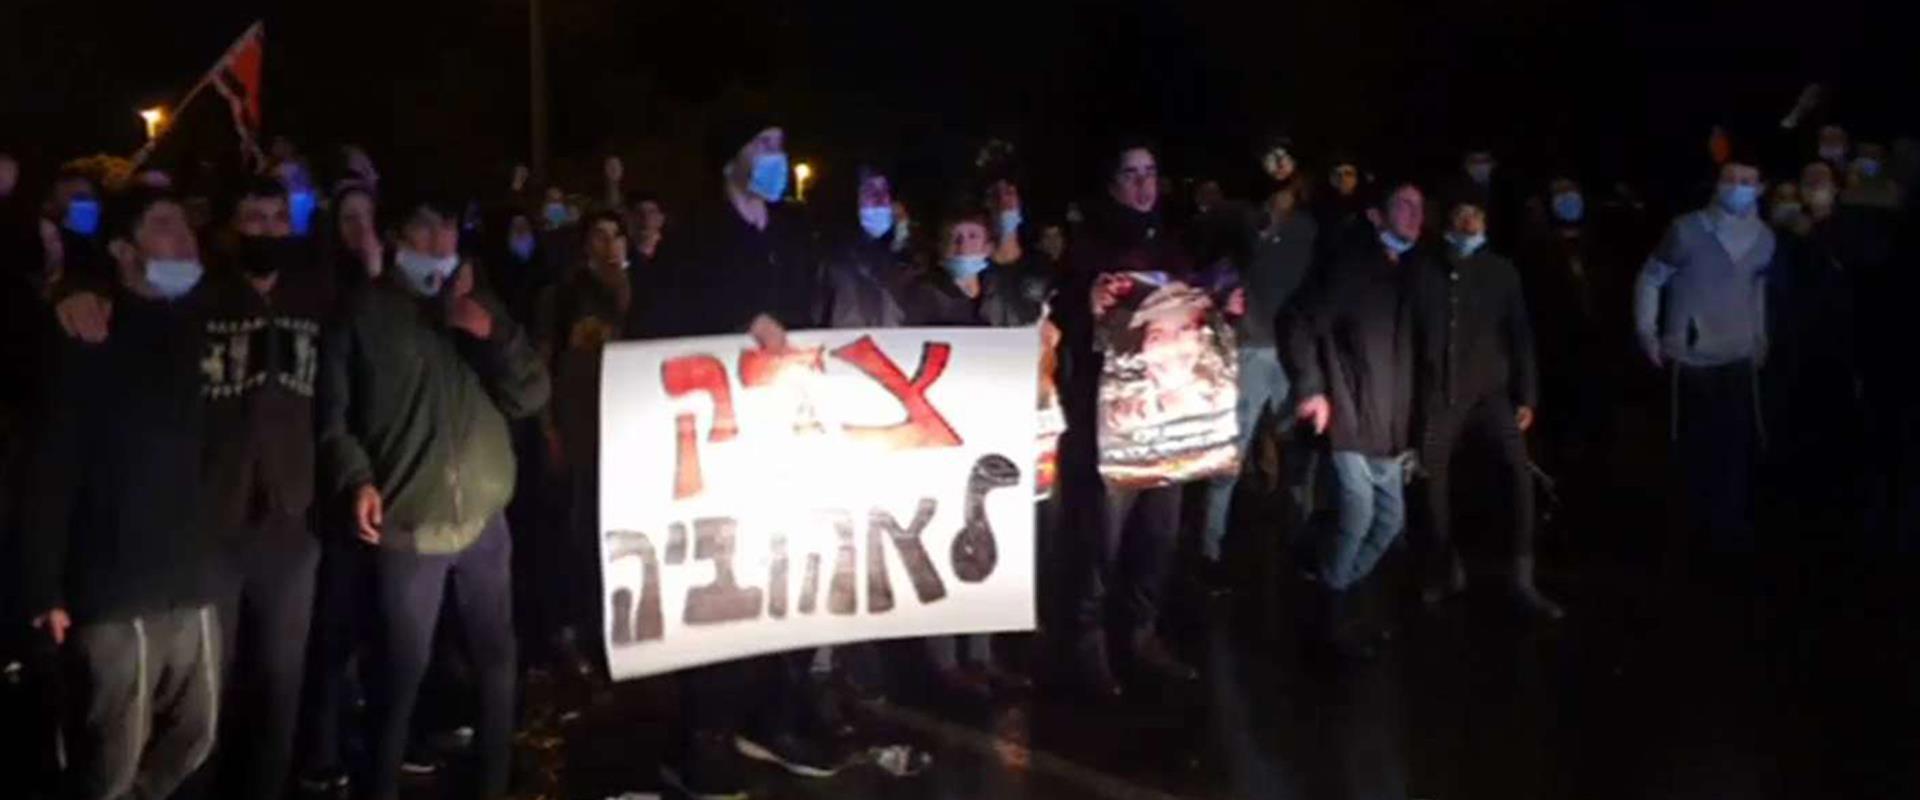 ההפגנה על מות אהוביה סנדק, אתמול